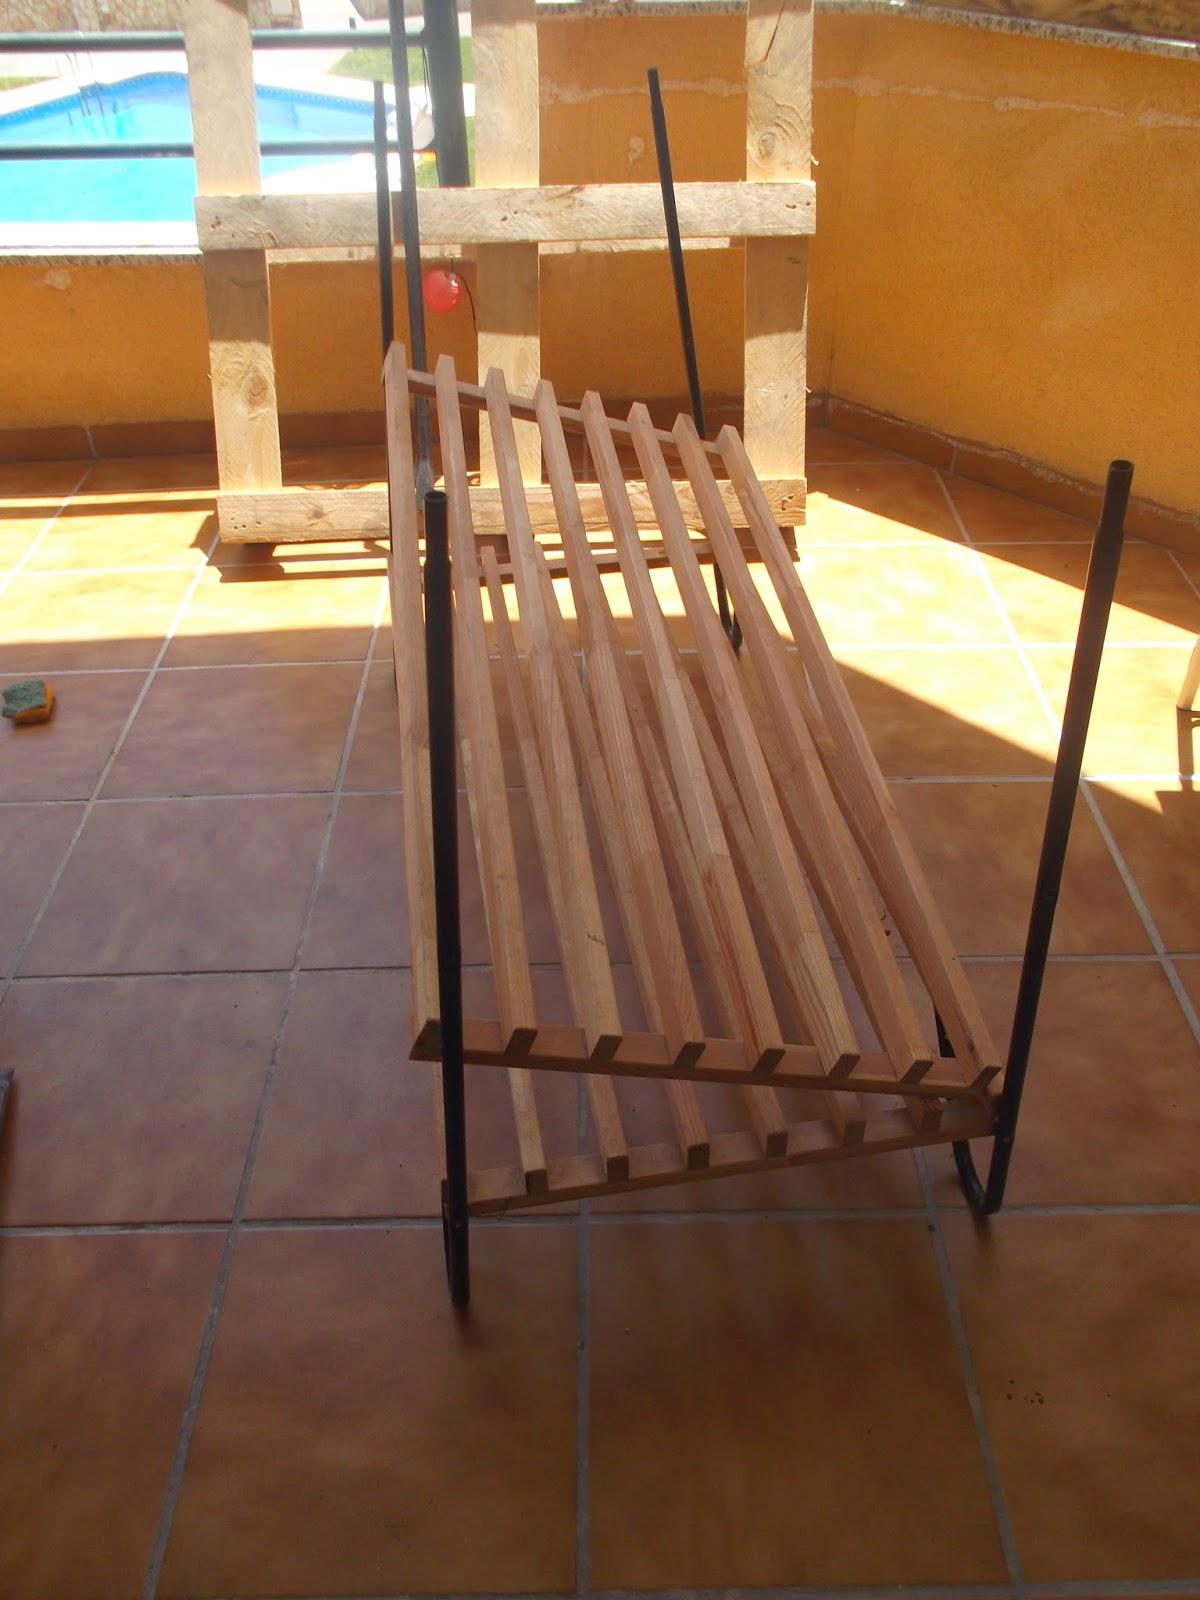 Cabecero cama reciclado, cabecero de madera reciclado, diy cabecero, diy fácil, diy en casa